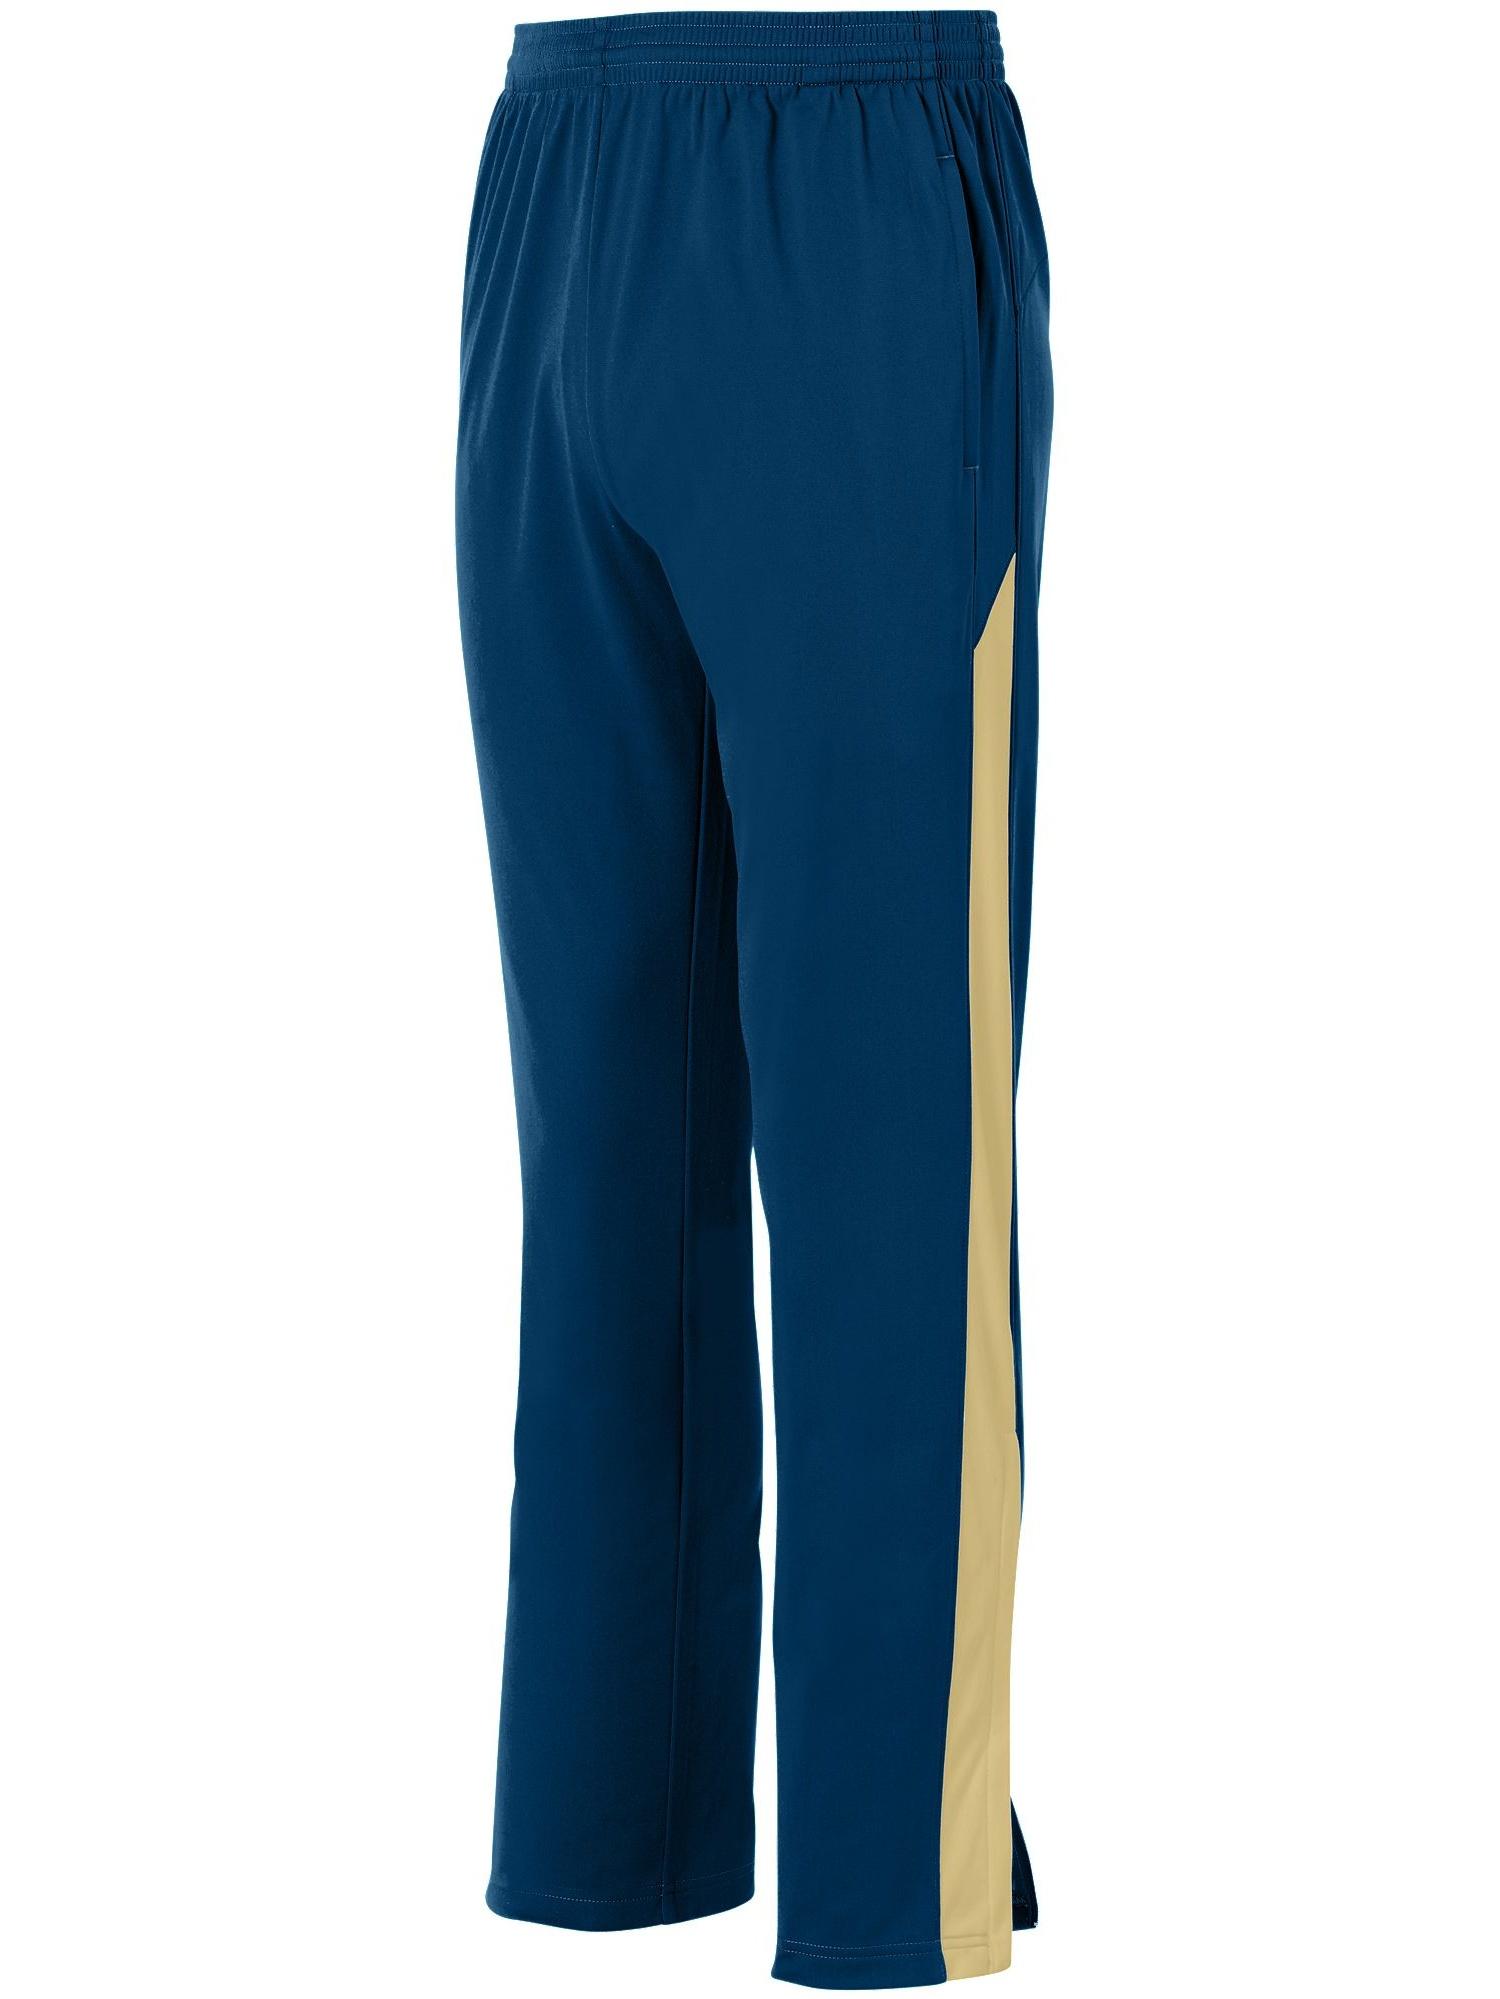 Augusta Sportswear Men's Medalist Pant 2.0 7760